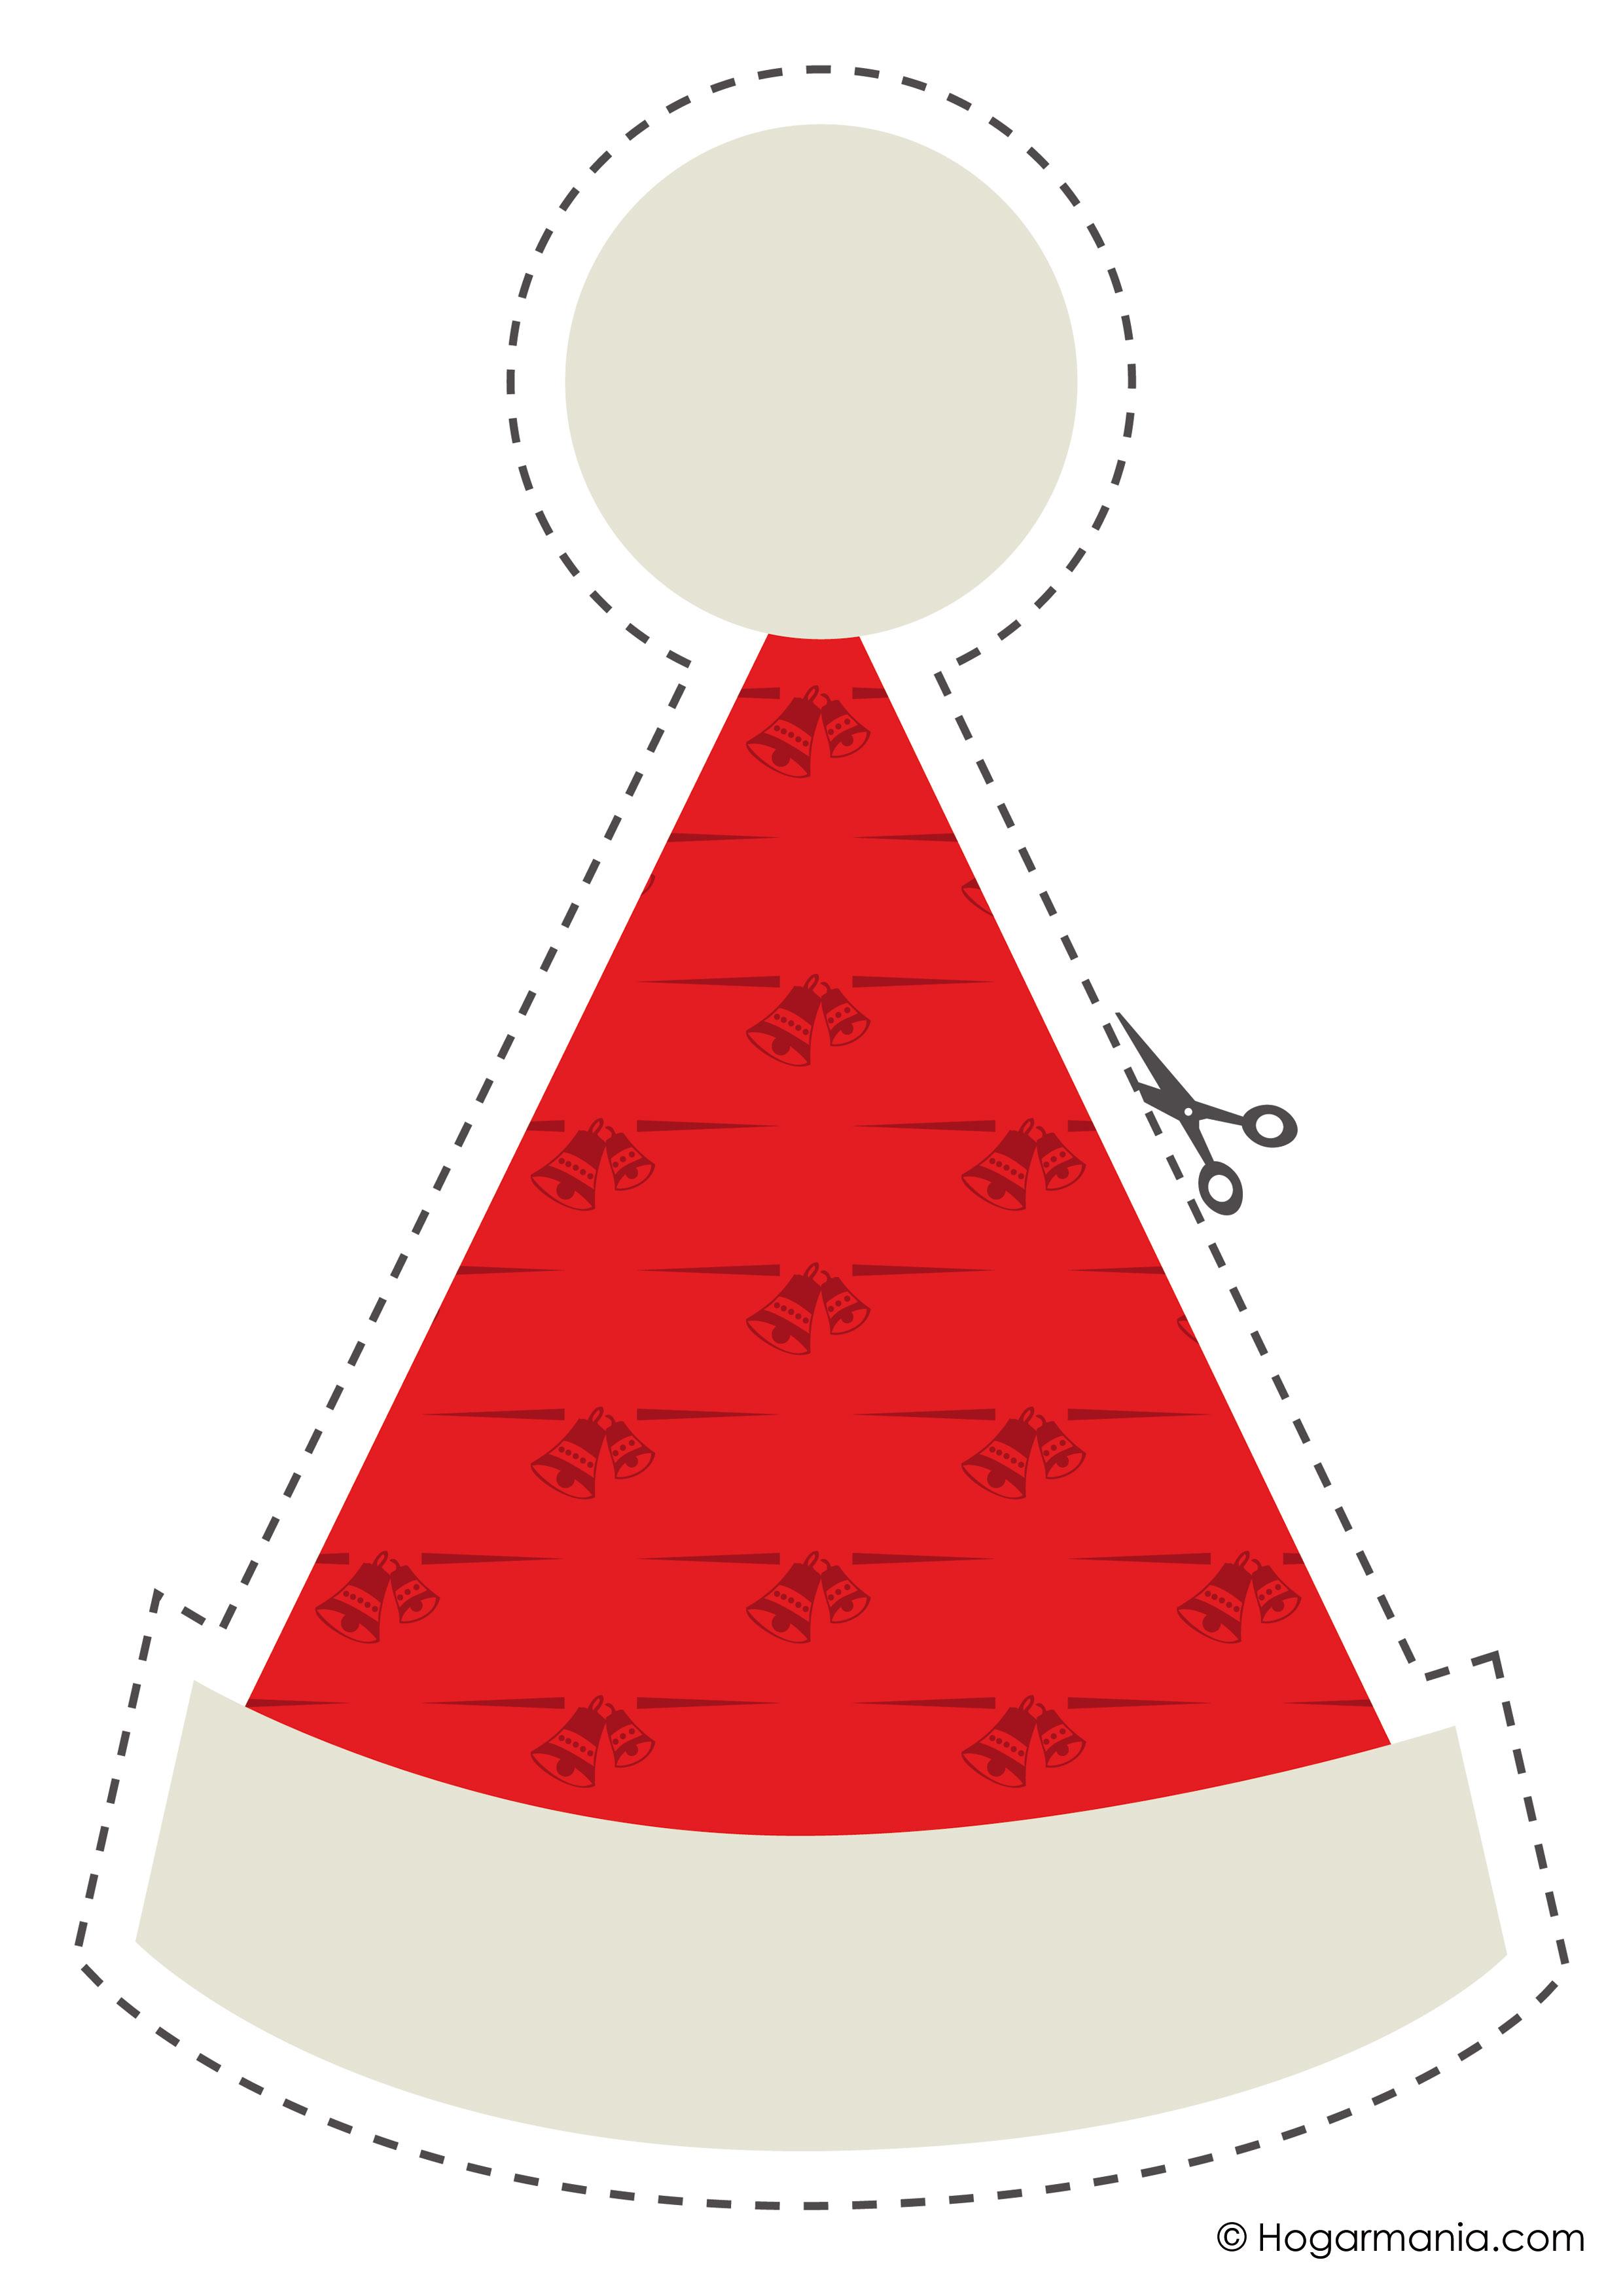 Imagenes De Navidad Para Imprimir. Stunning With Imagenes De Navidad ...